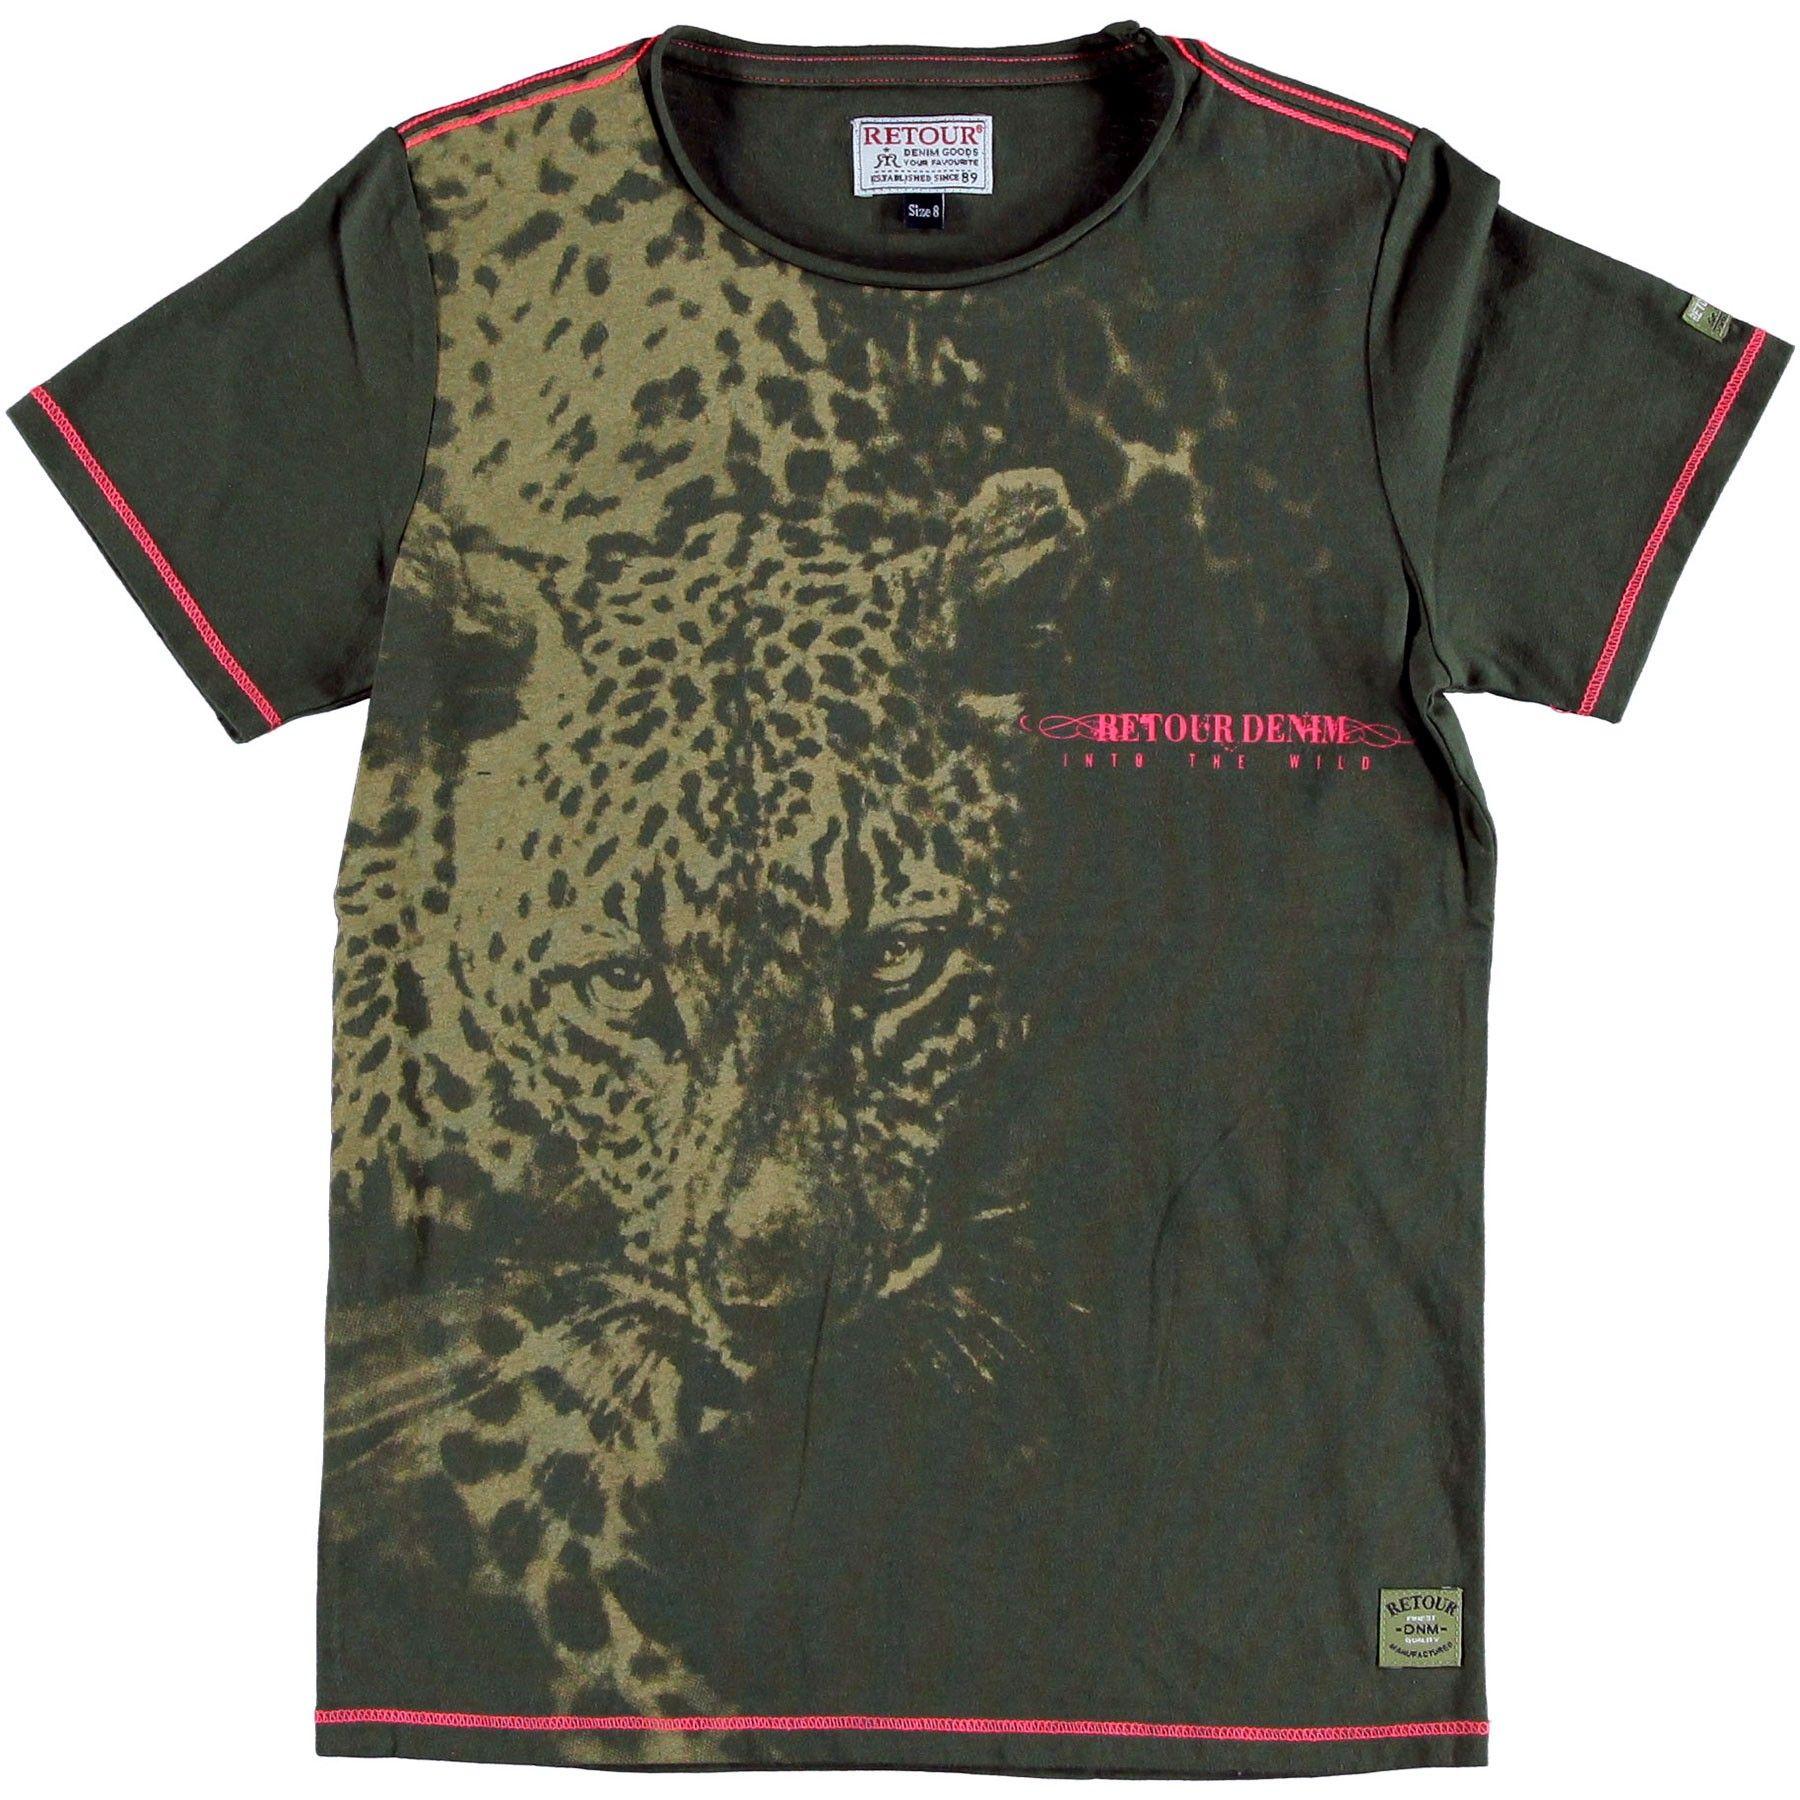 gut aus x Ruf zuerst Fang Retour Jungen T-Shirt Levi mit Leoparden Print | imnou | t ...